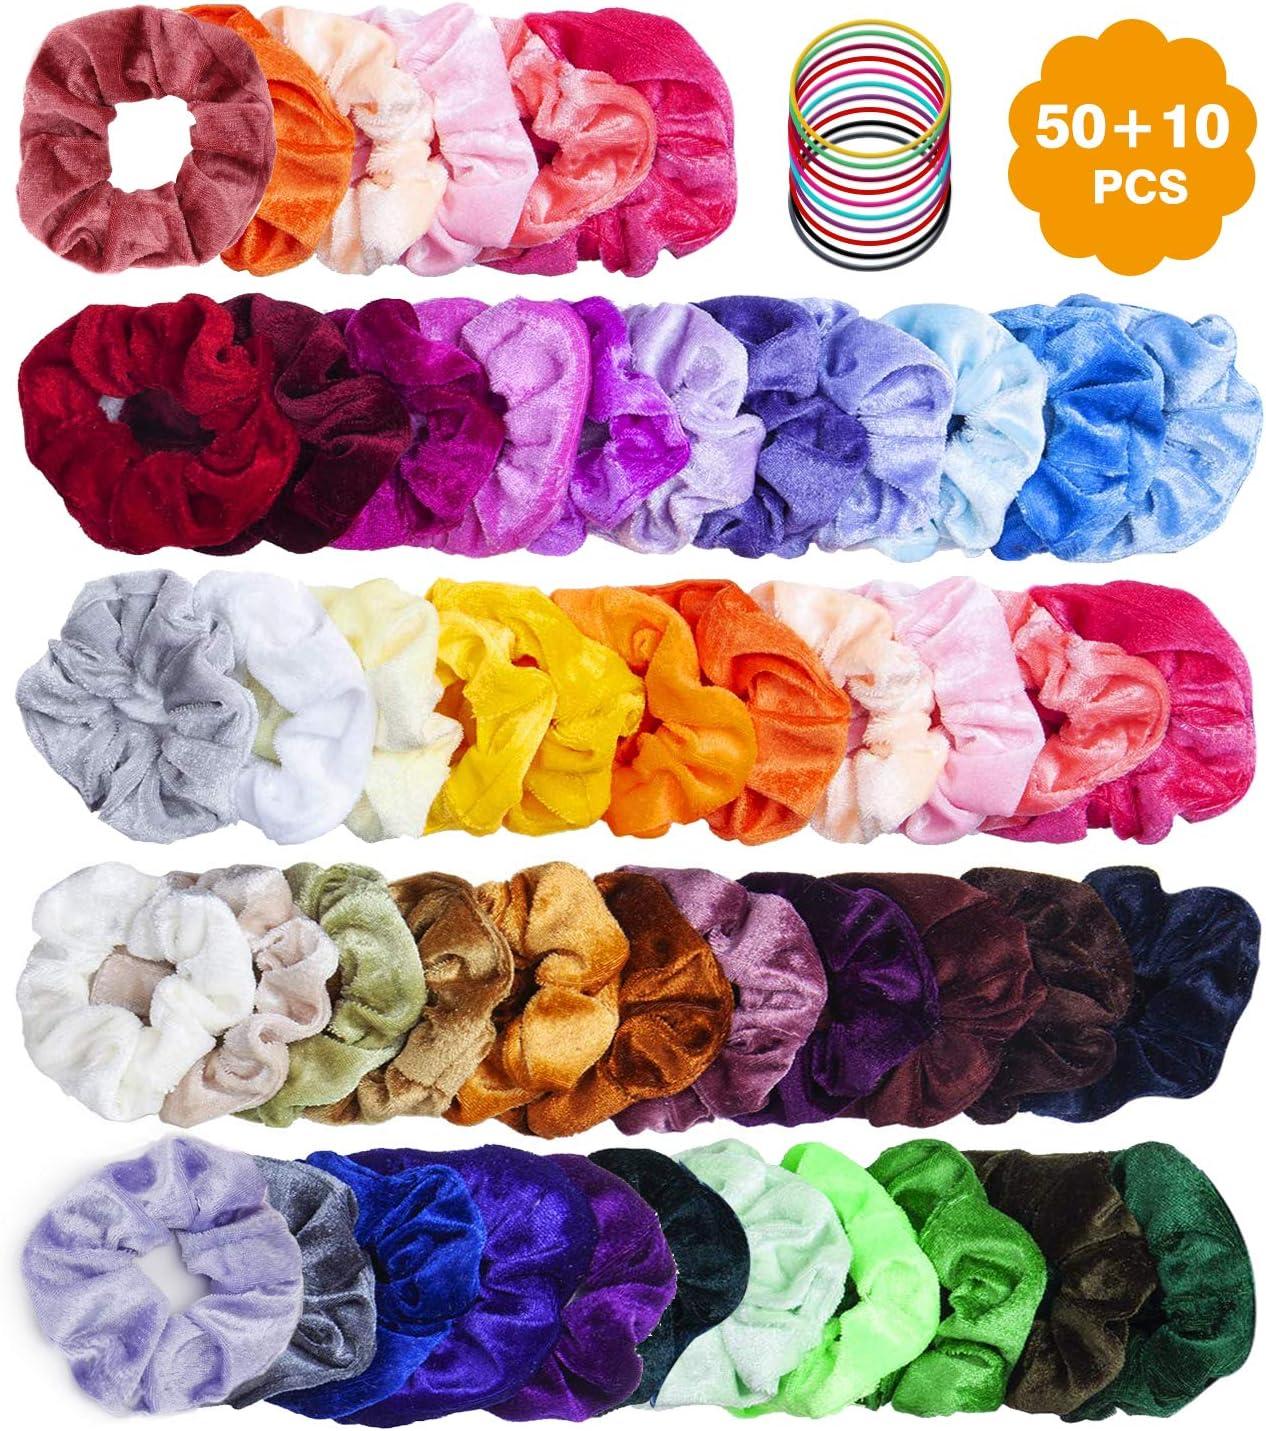 BEAU-PRO 60 gomas de pelo scrunchies terciopelo, incluidas 50 Colores Velvet Elástico coleteros de tela y 10 de goma elástica para el cabello, accesorios para el cabello suave para mujeres niñas